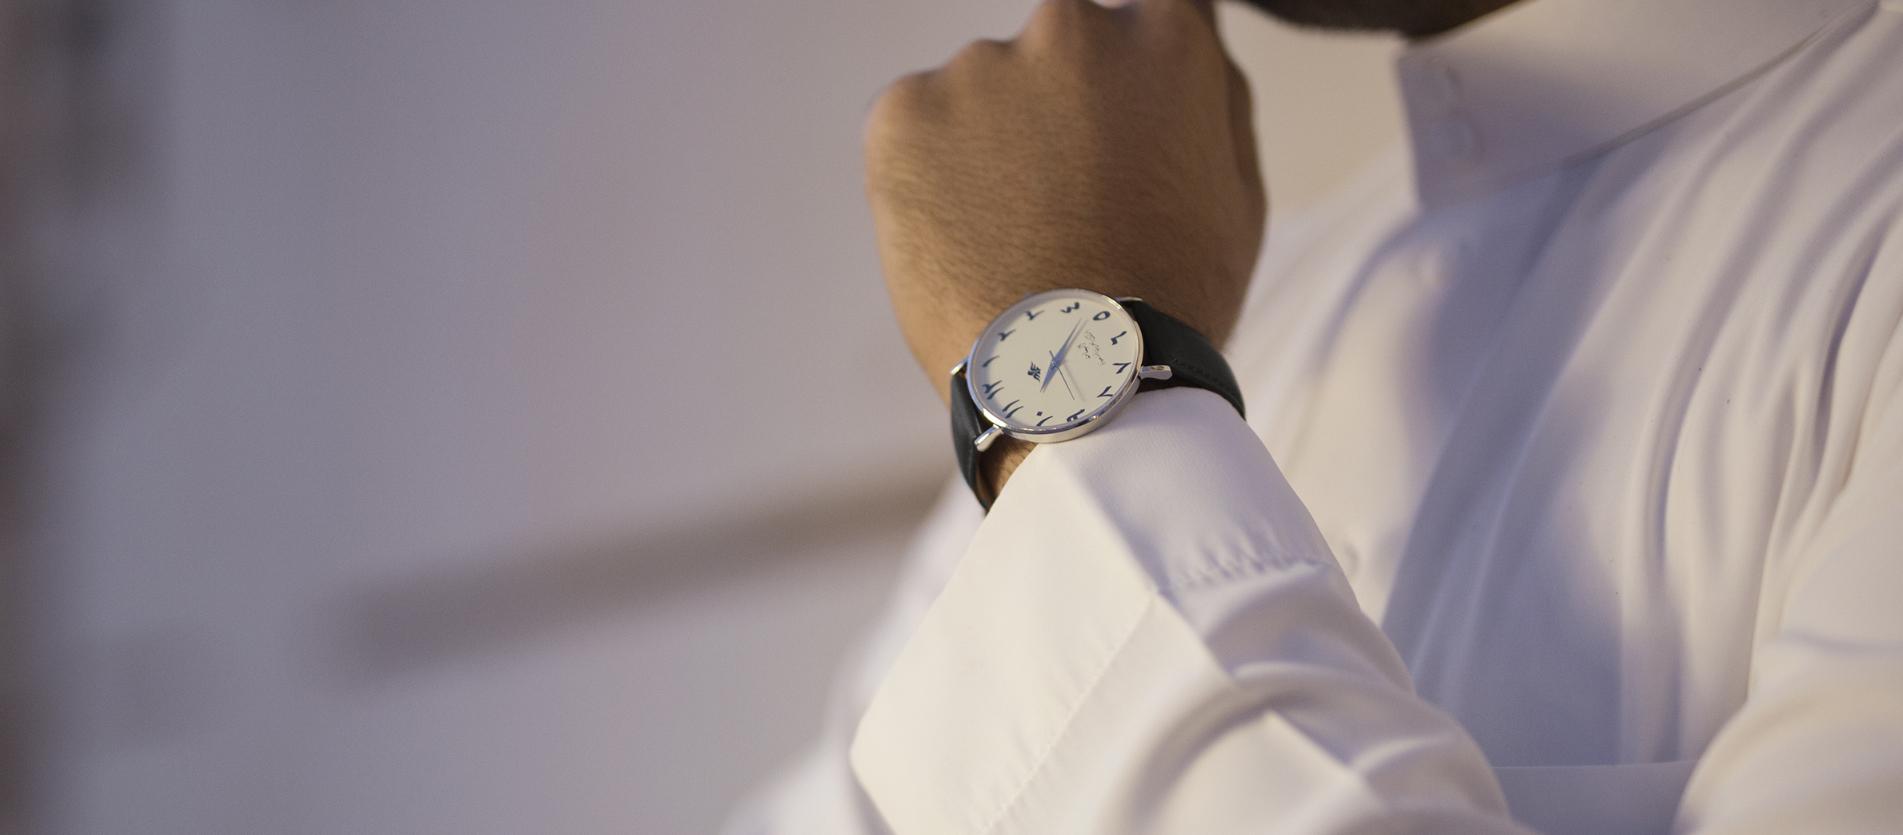 ساعة اليمامة اللون الاسود